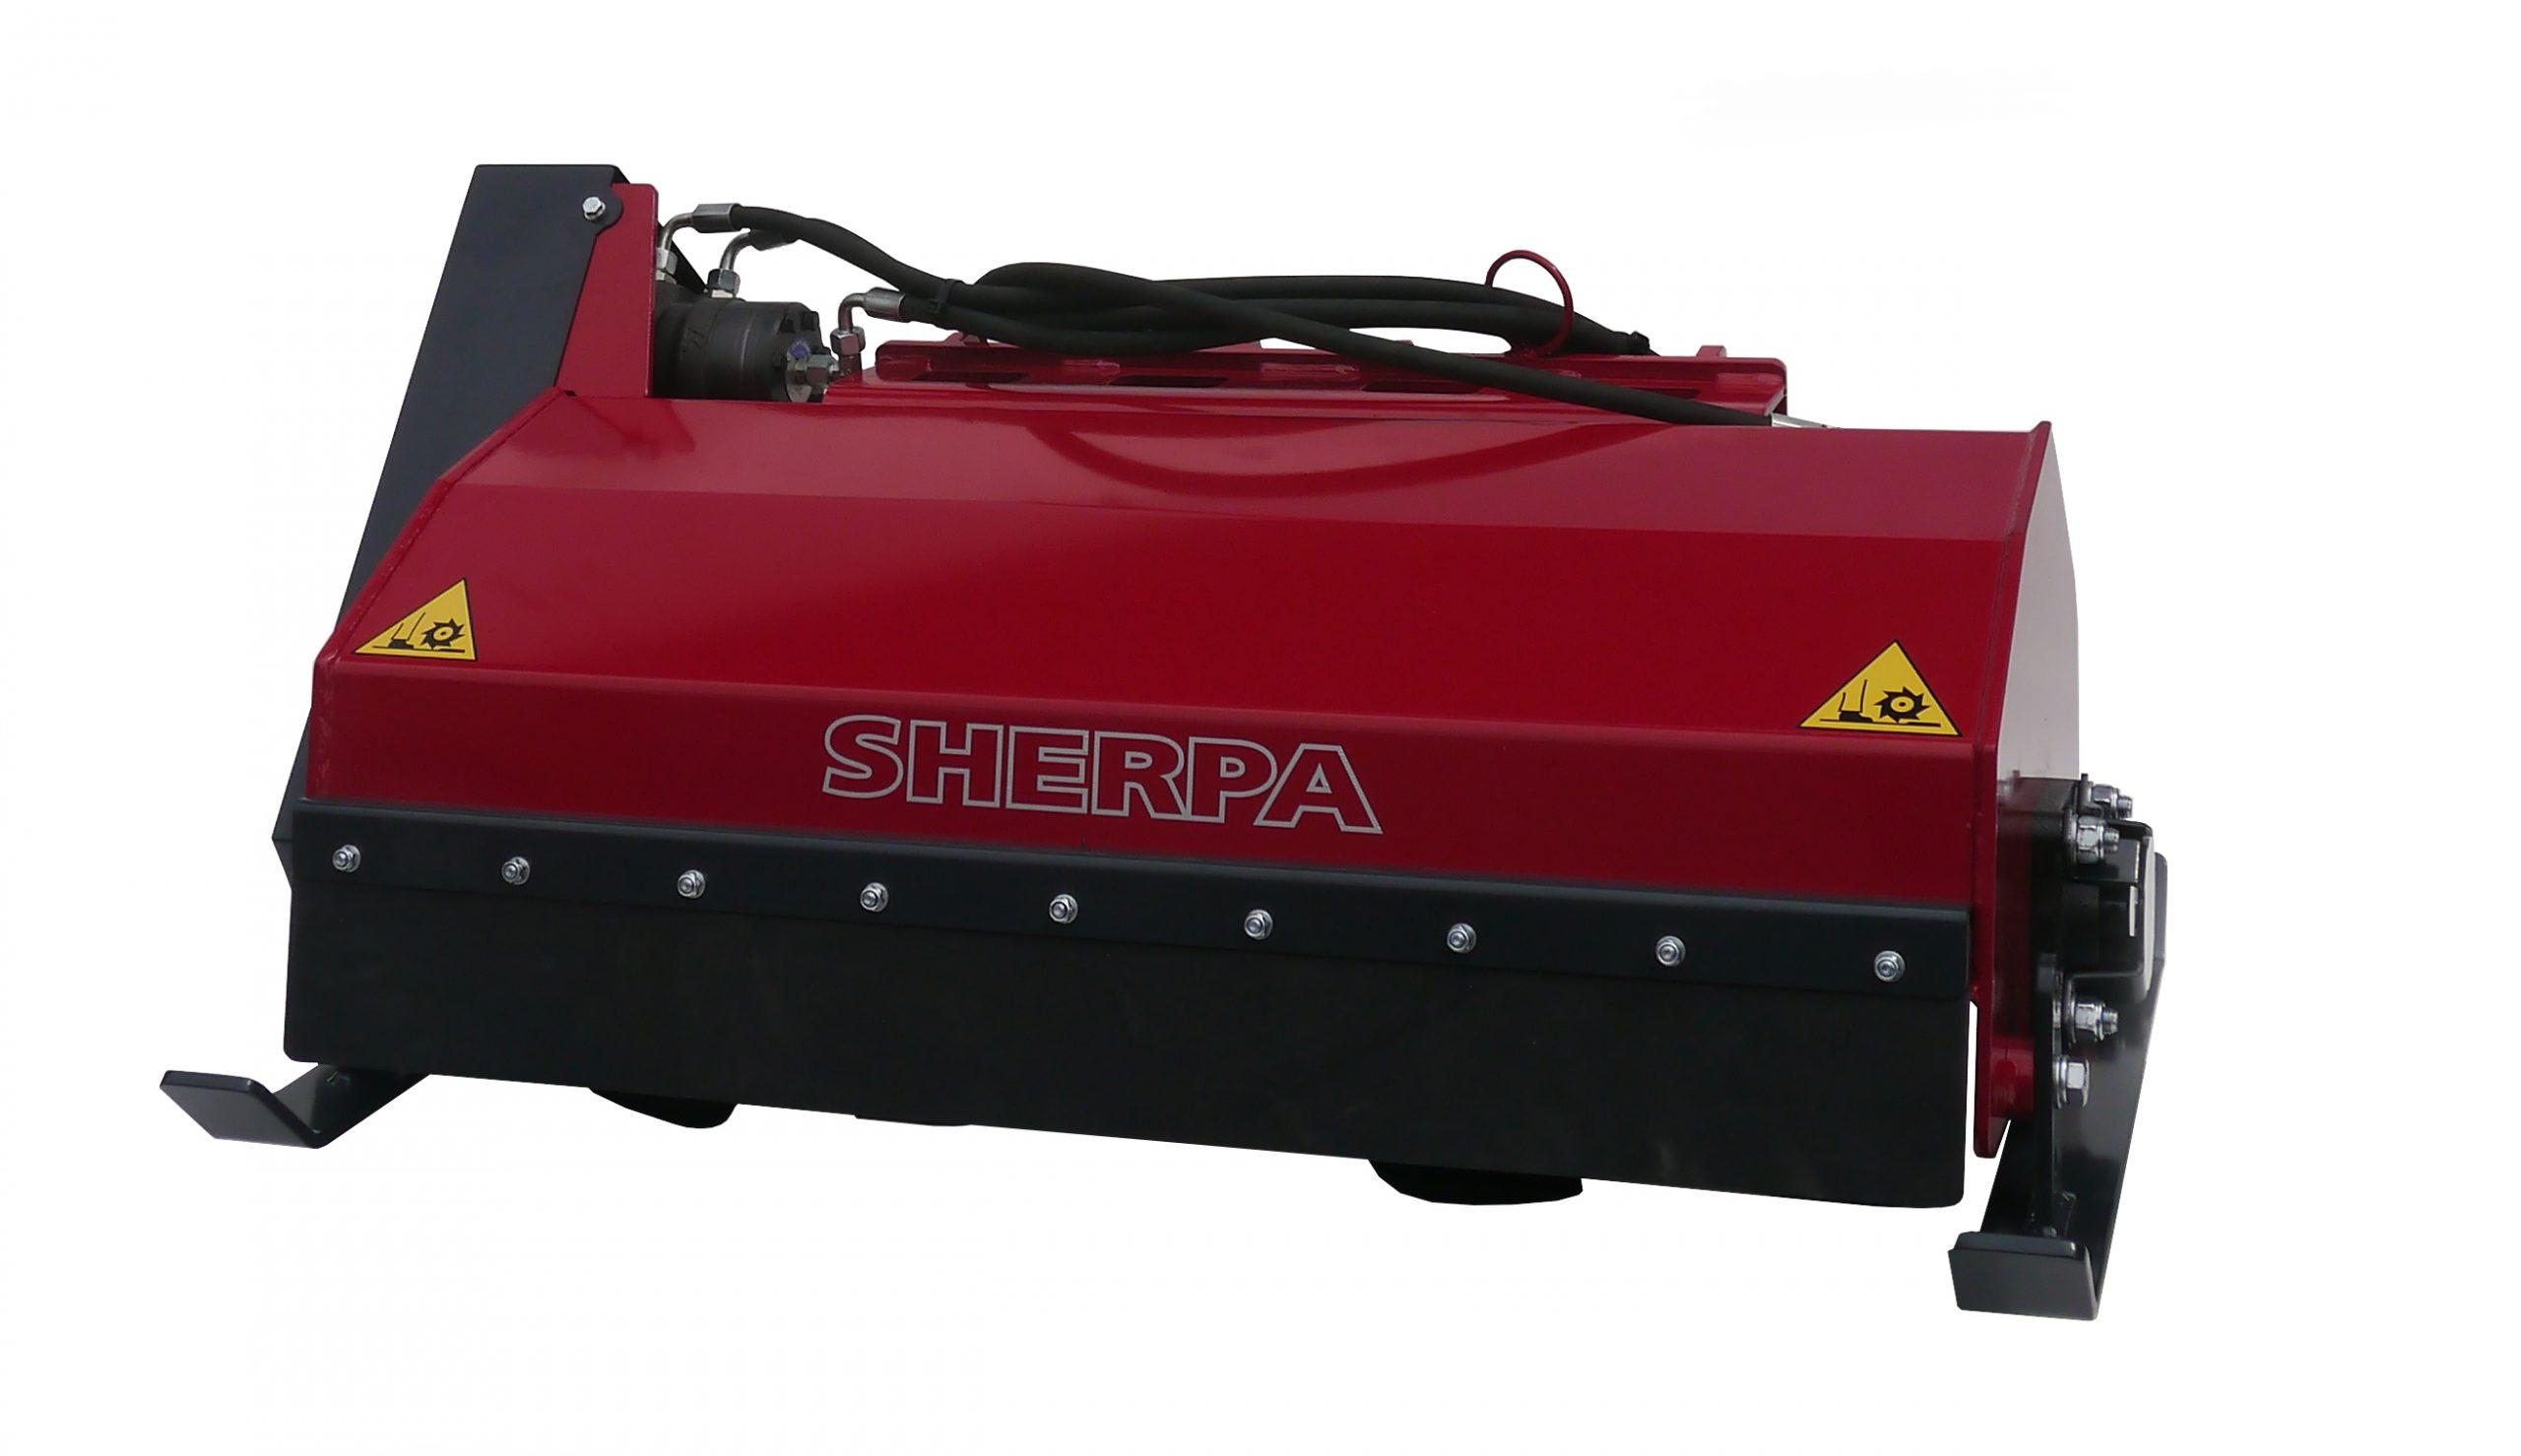 Rotary Tiller for soil preparation for Sherpa Mini Loaders